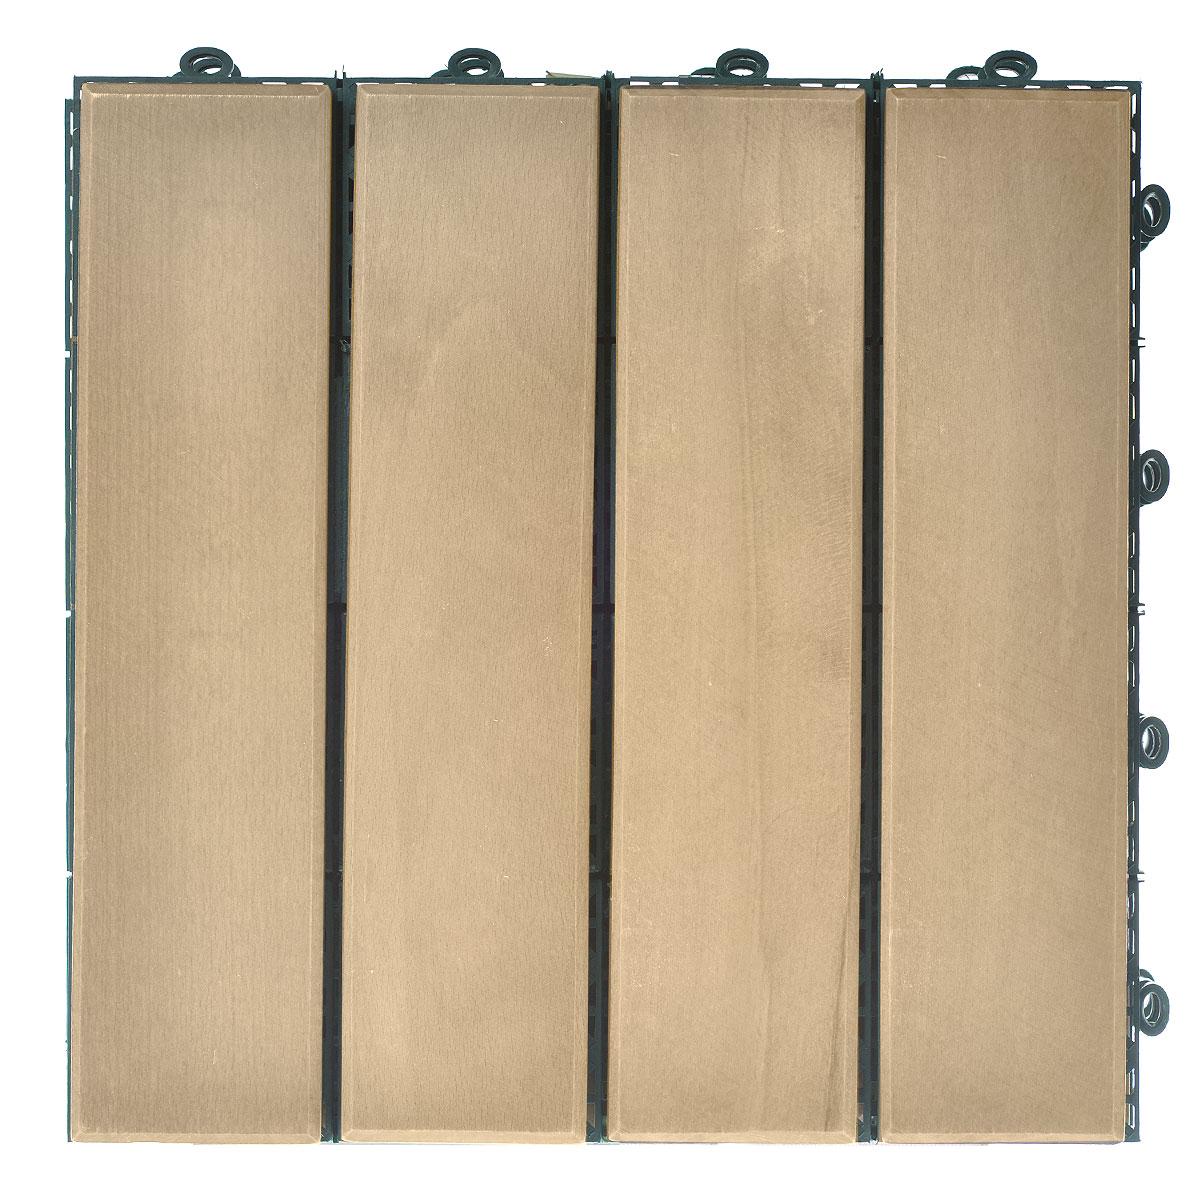 Покрытие Konex Декинг, цвет: бук, 30 см х 30, 4 штПД-БПокрытие Konex Декинг состоит из 4 секций, изготовленных из высококачественного дерева, основа выполнена из полипропилена. Покрытие предназначено для создания дополнительного (отделочного) слоя пола в различных помещениях бытового и хозяйственного назначения (коридоры, веранды, сауны и бани, ванные комнаты, балконы), а также для быстрого обустройства открытых площадок и дорожек (спортивные и детские площадки, зоны отдыха, садовые дорожки, террасы, палубы, причалы, бассейны) на подготовленных площадях. Размер секции: 30 см х 30 см х 3 см. Количество секций: 4 шт.